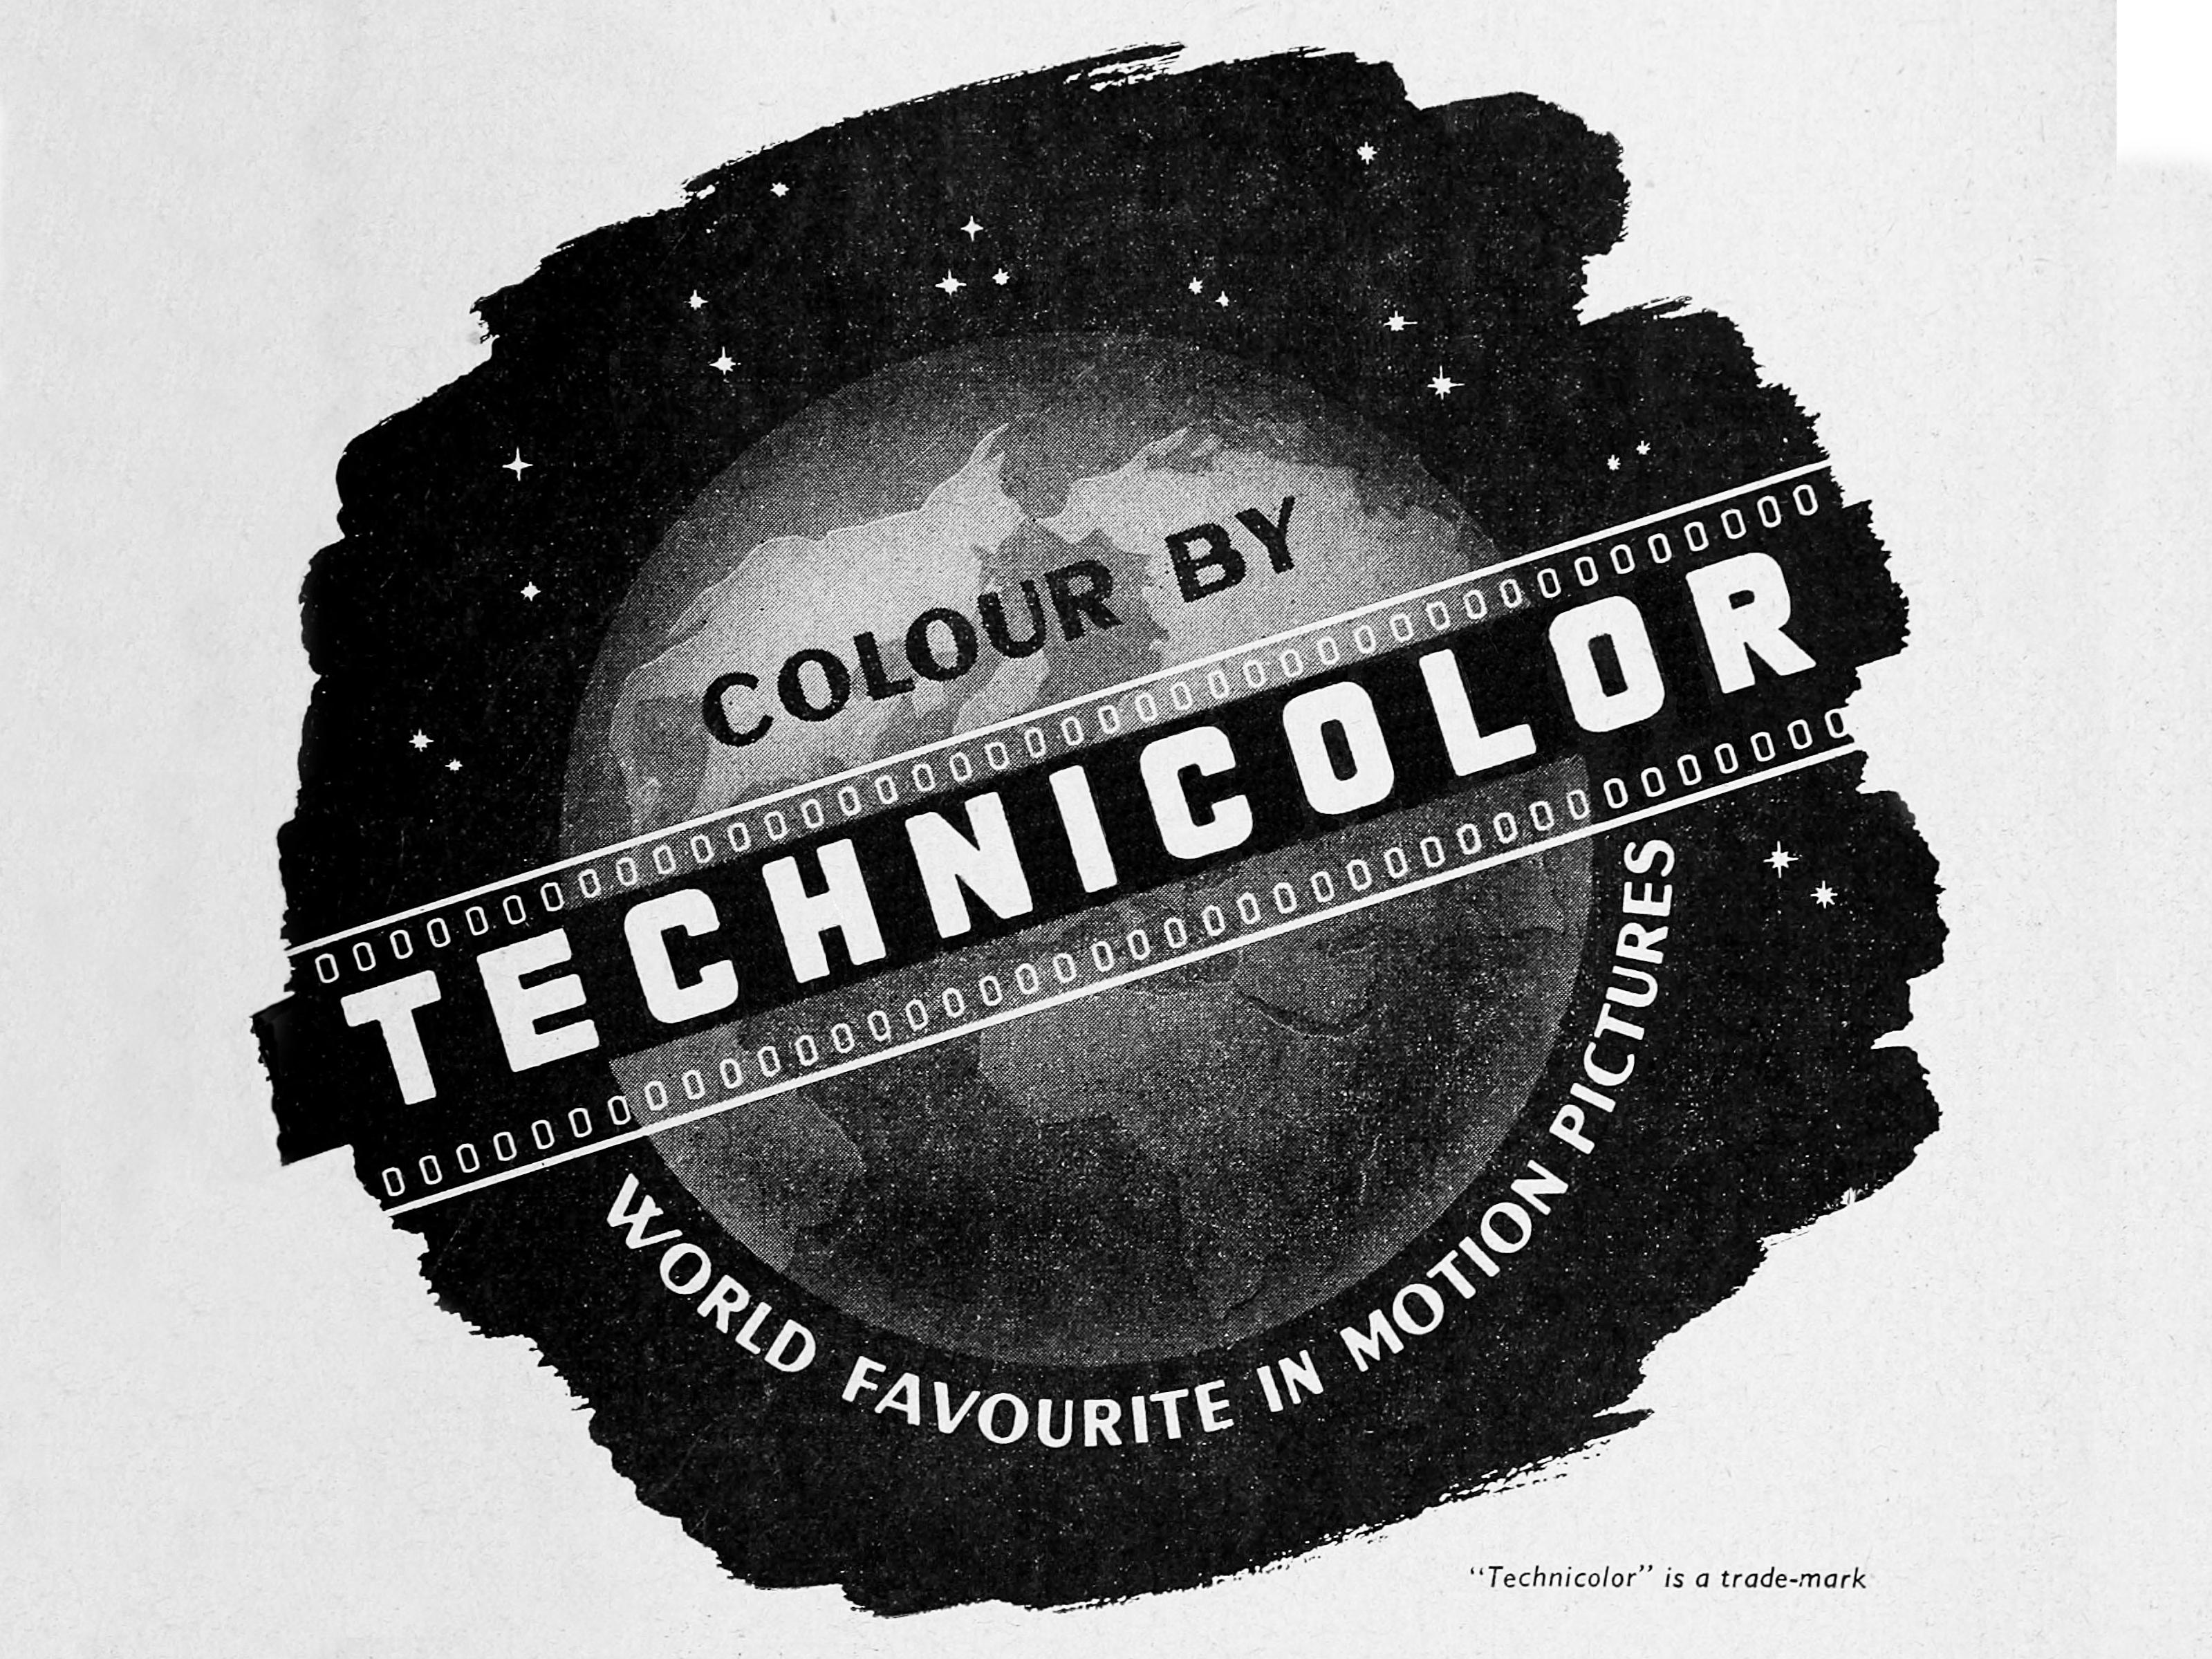 Die Anfaenge von Technicolor_Foto_Foerderverein Filmkultur Bonn e.V.